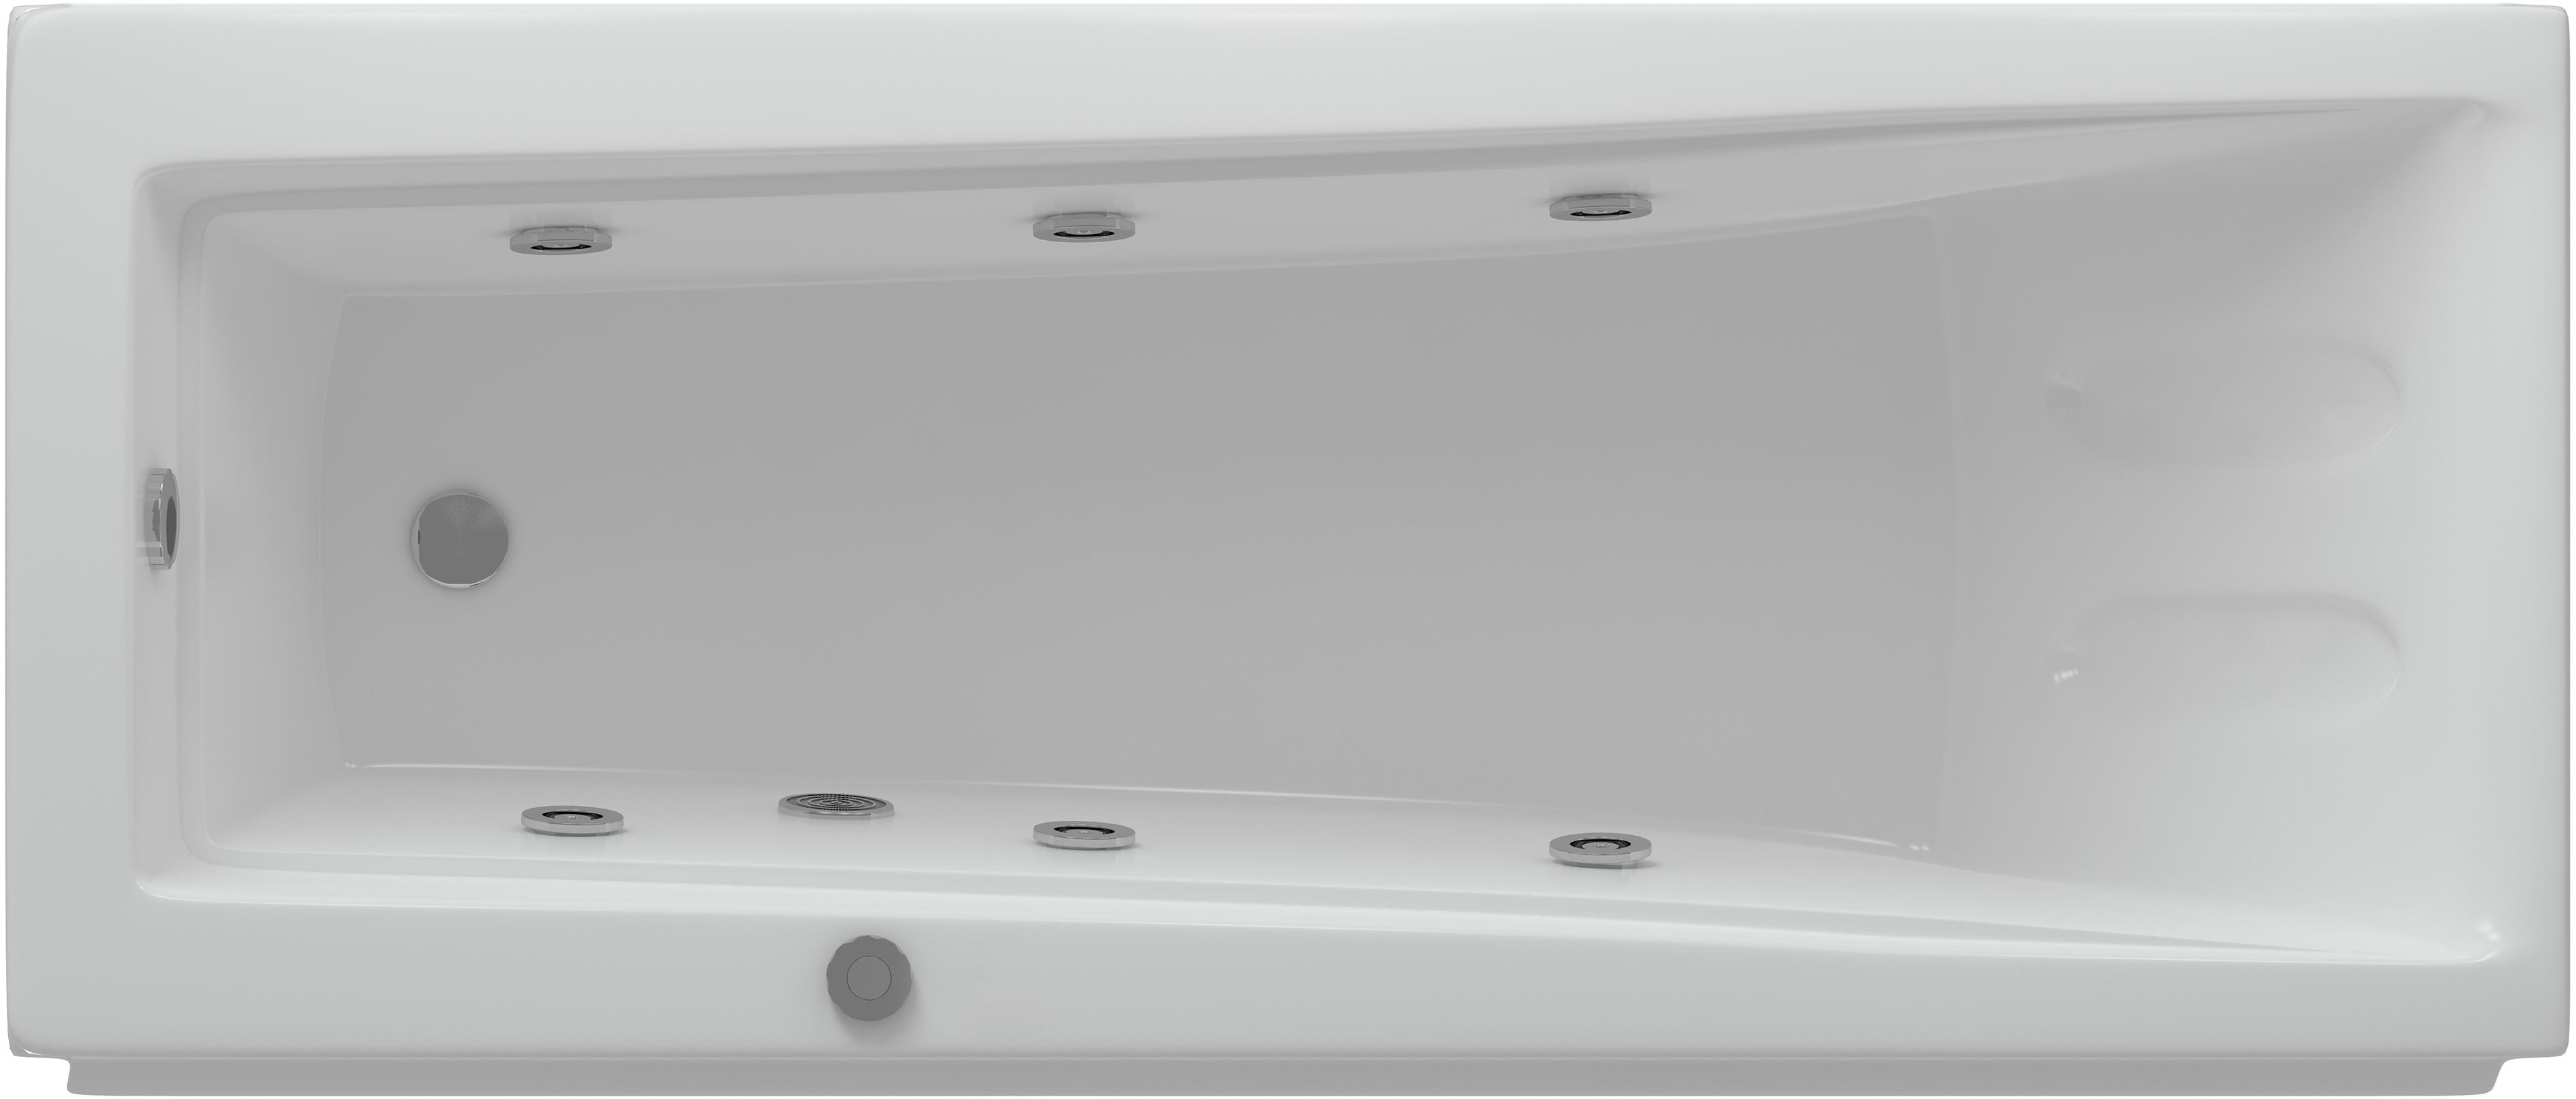 Акриловая ванна Aquatek LIB150-0000008 Либра-150 с гидромассажем